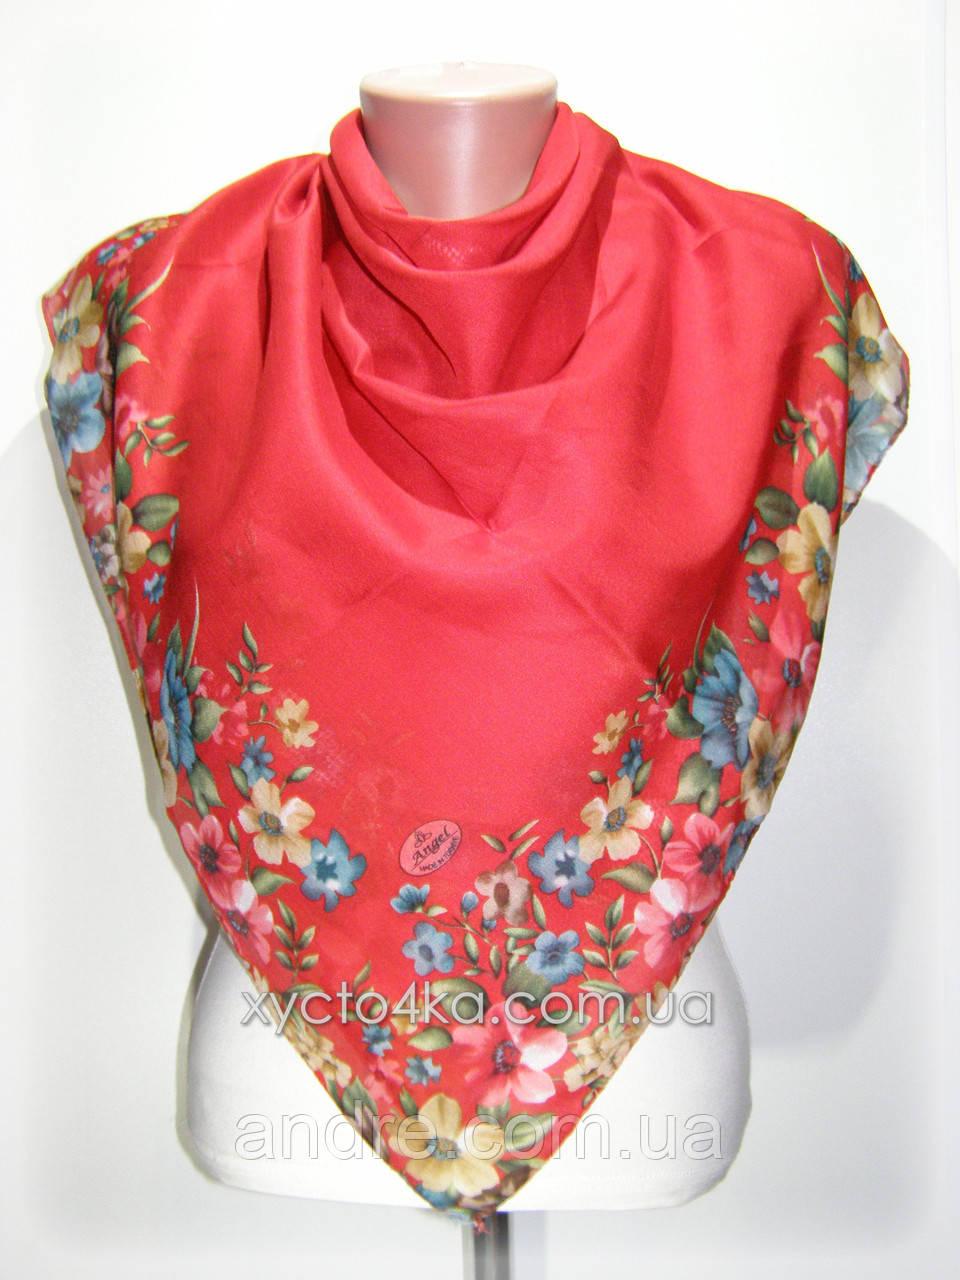 Лёгкие натуральные платки Биатрис, красный